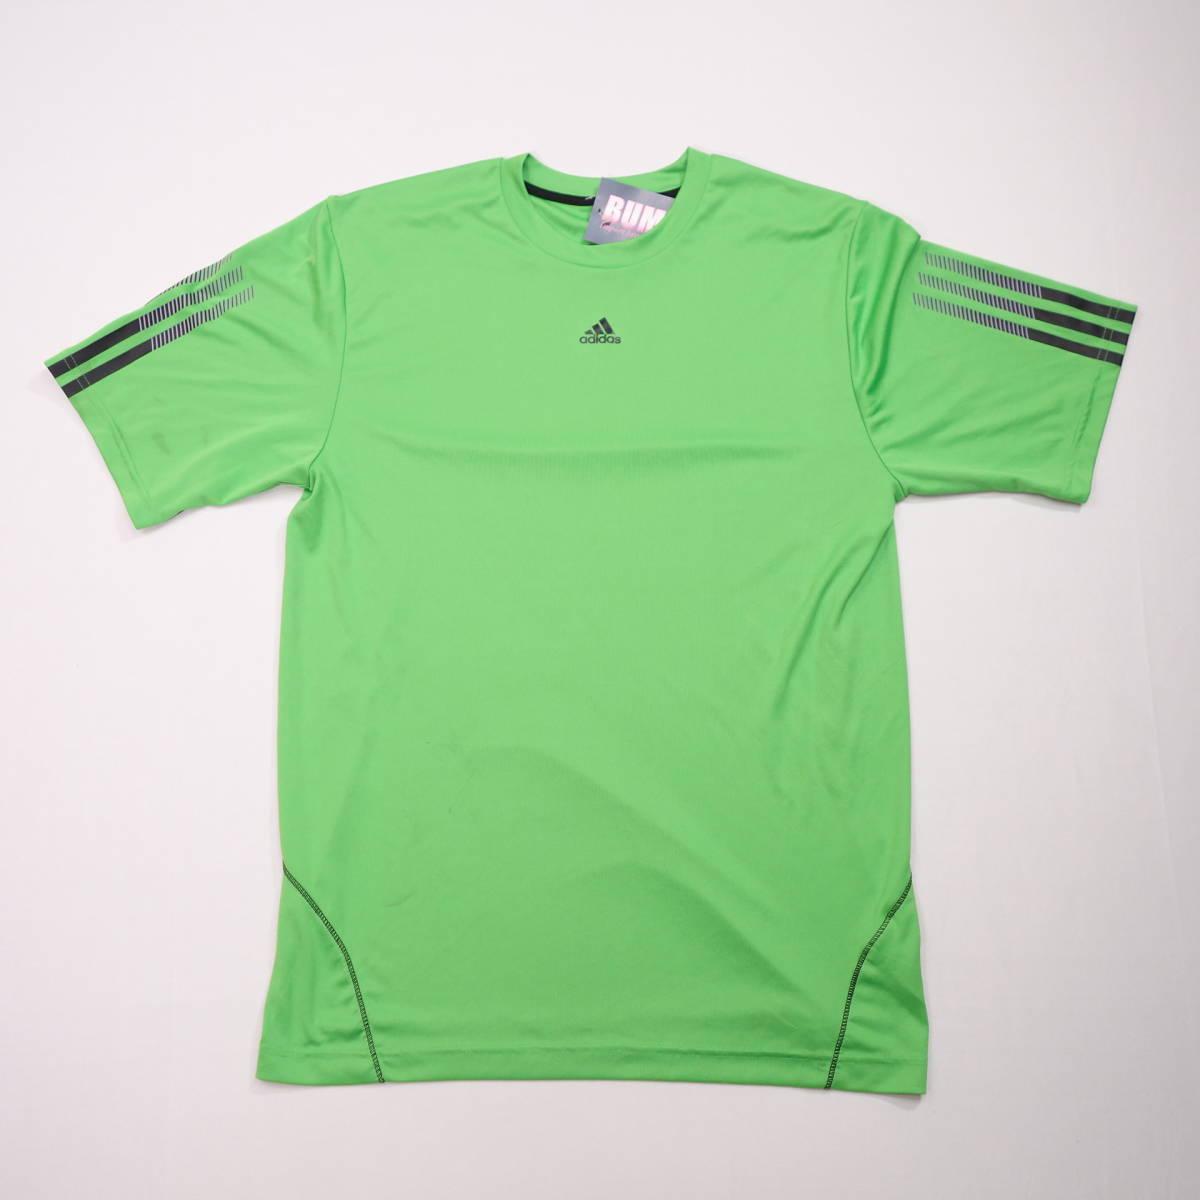 アディダス adidas Tシャツ 半袖 メンズ M クルーネック ワンポイントロゴ 三本ライン スポーツ カジュアル USA直輸入 古着 MAD-1-1-0037_画像2